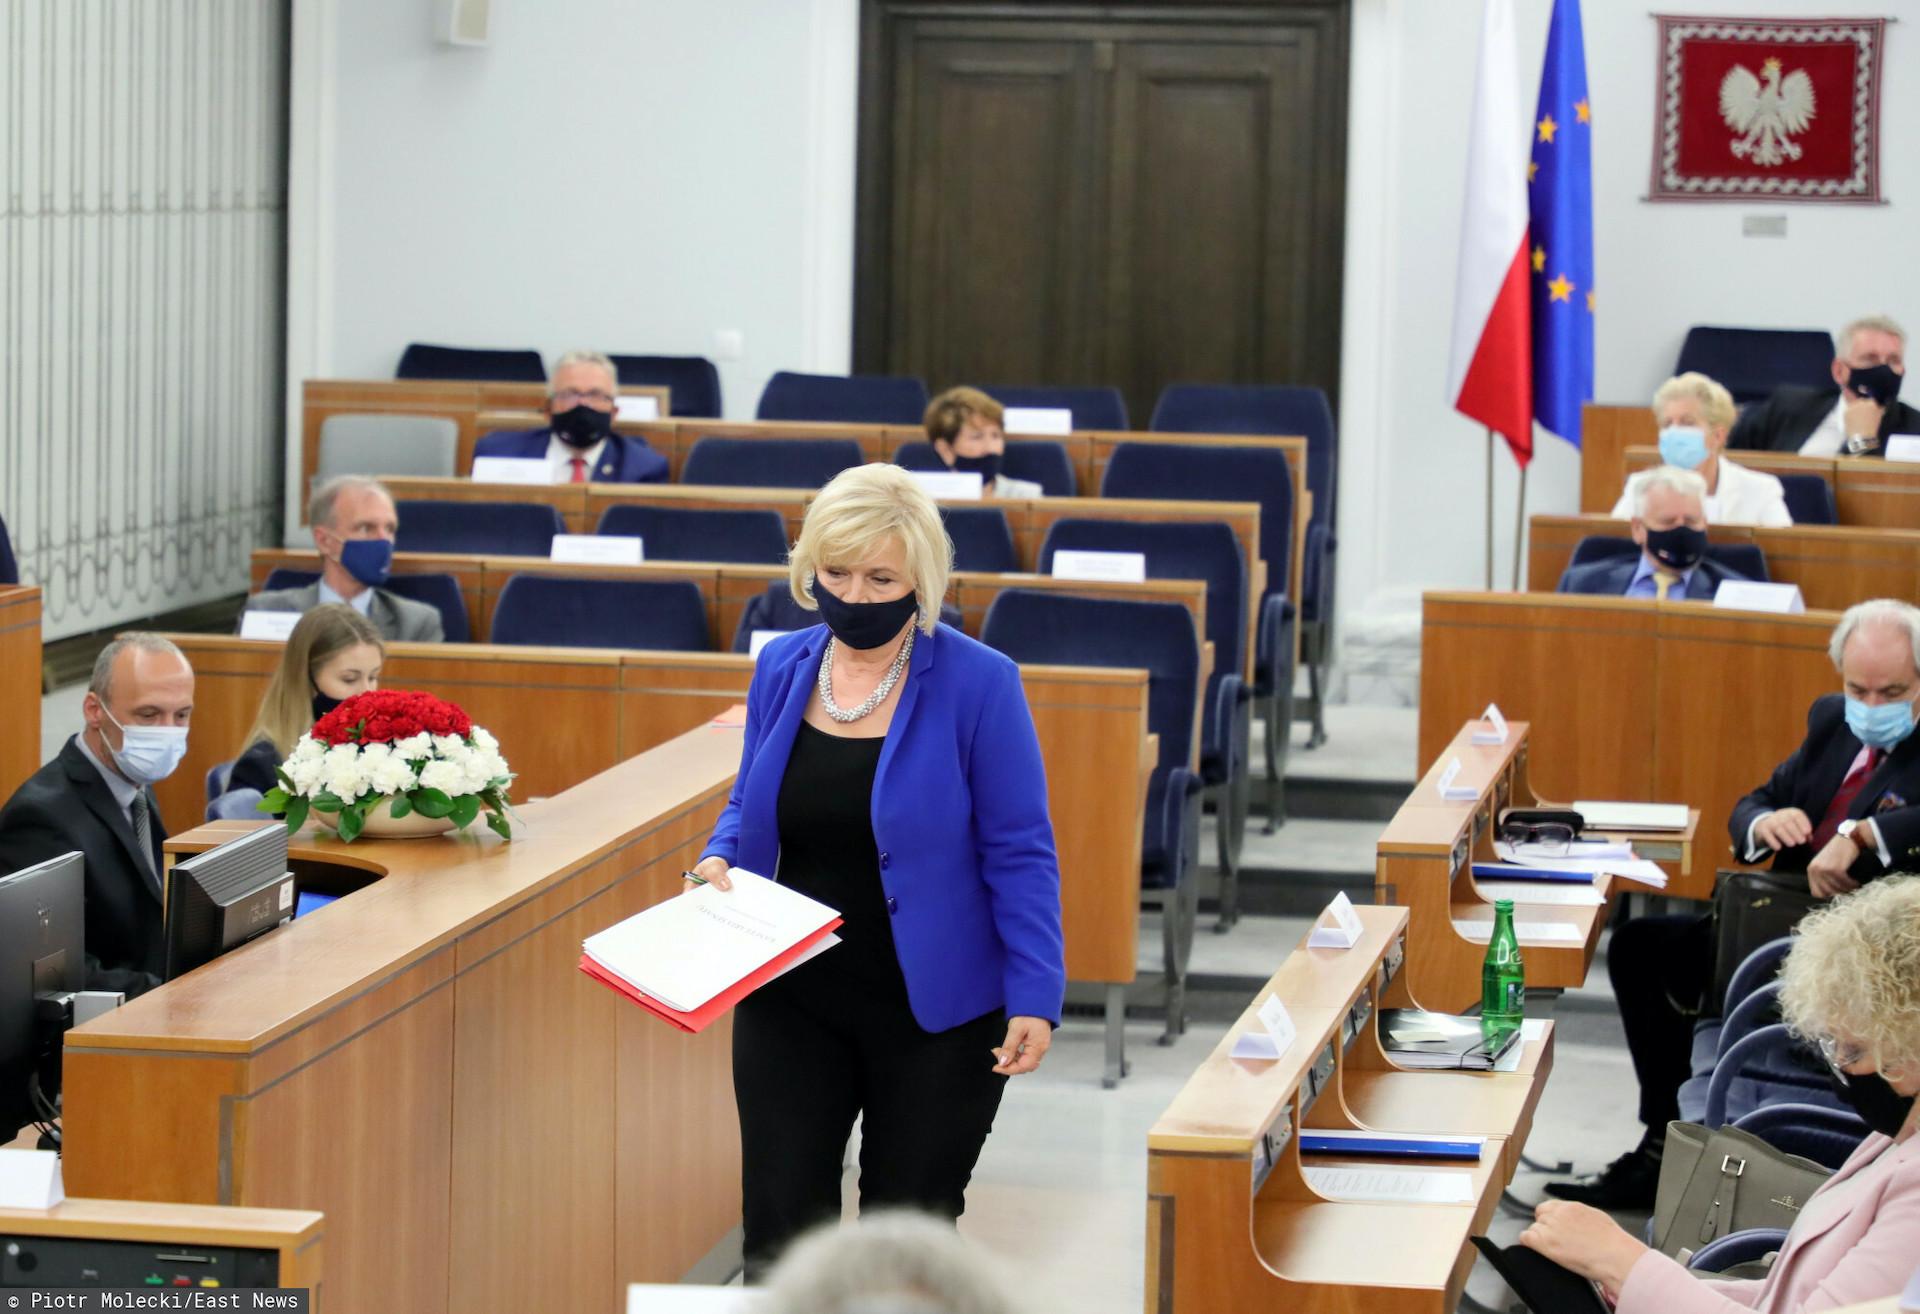 Krytyczne głosy polityków na temat kandydatury, jak i samej osoby Lidii Staroń